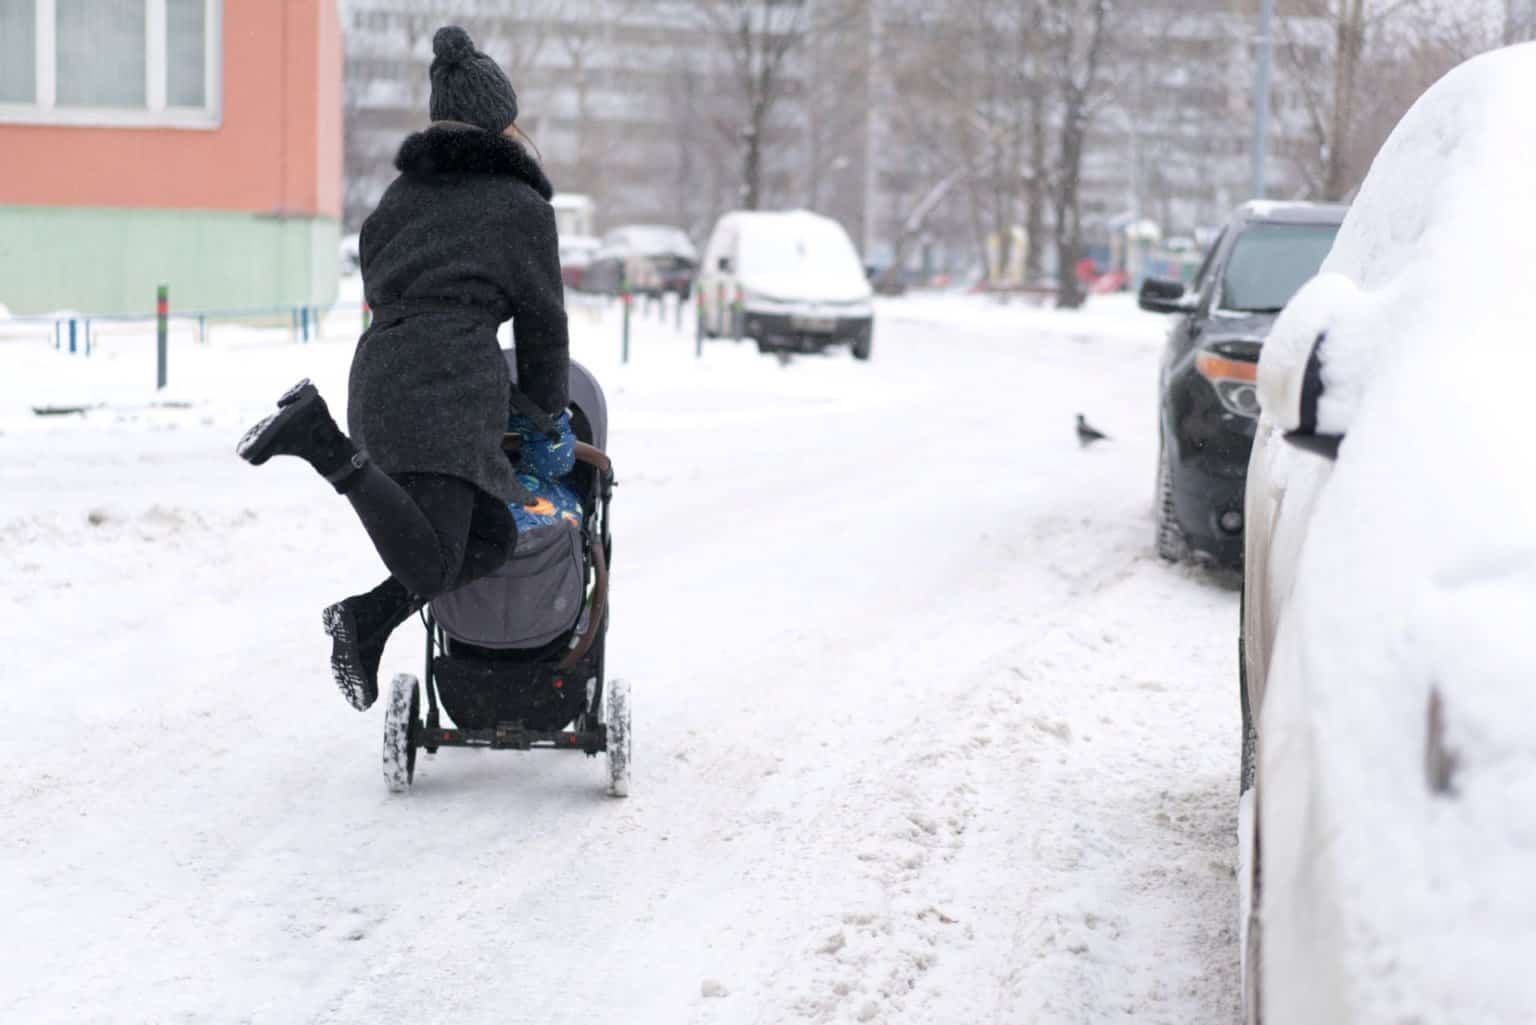 Kinderwagenmuff: Nie mehr kalte Hände. Kinderwagenhandschuhe